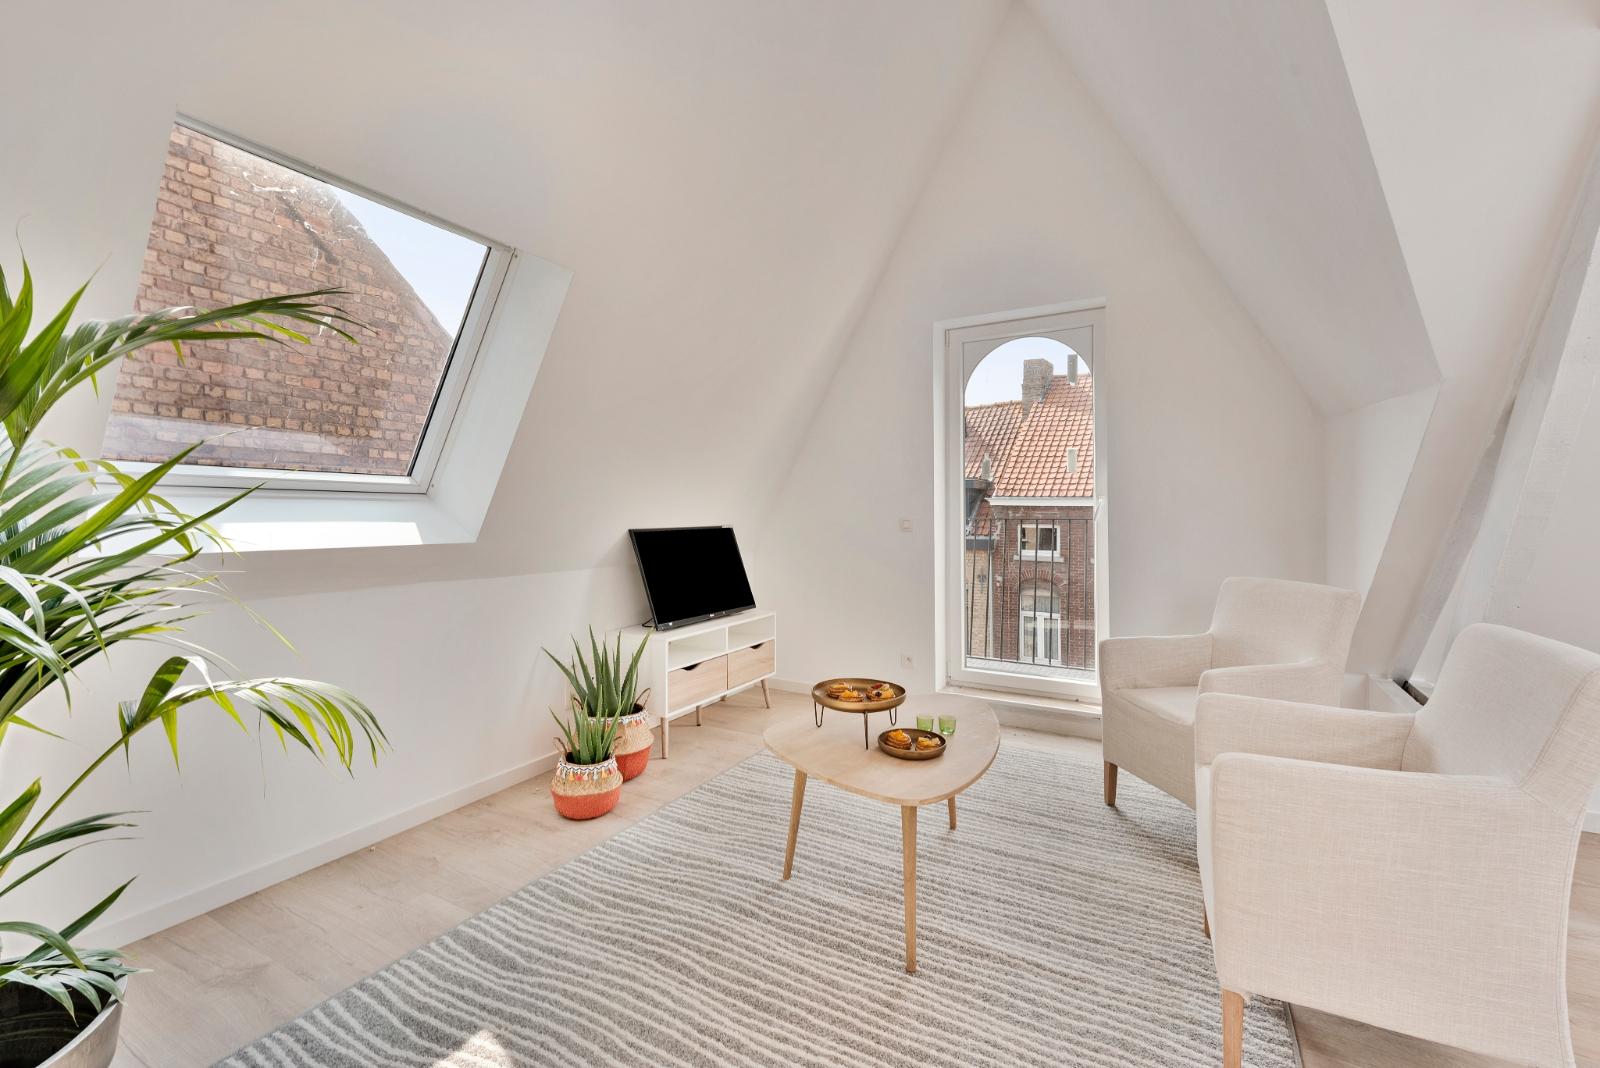 Volledig gerenoveerd appartement op centrale ligging - 2